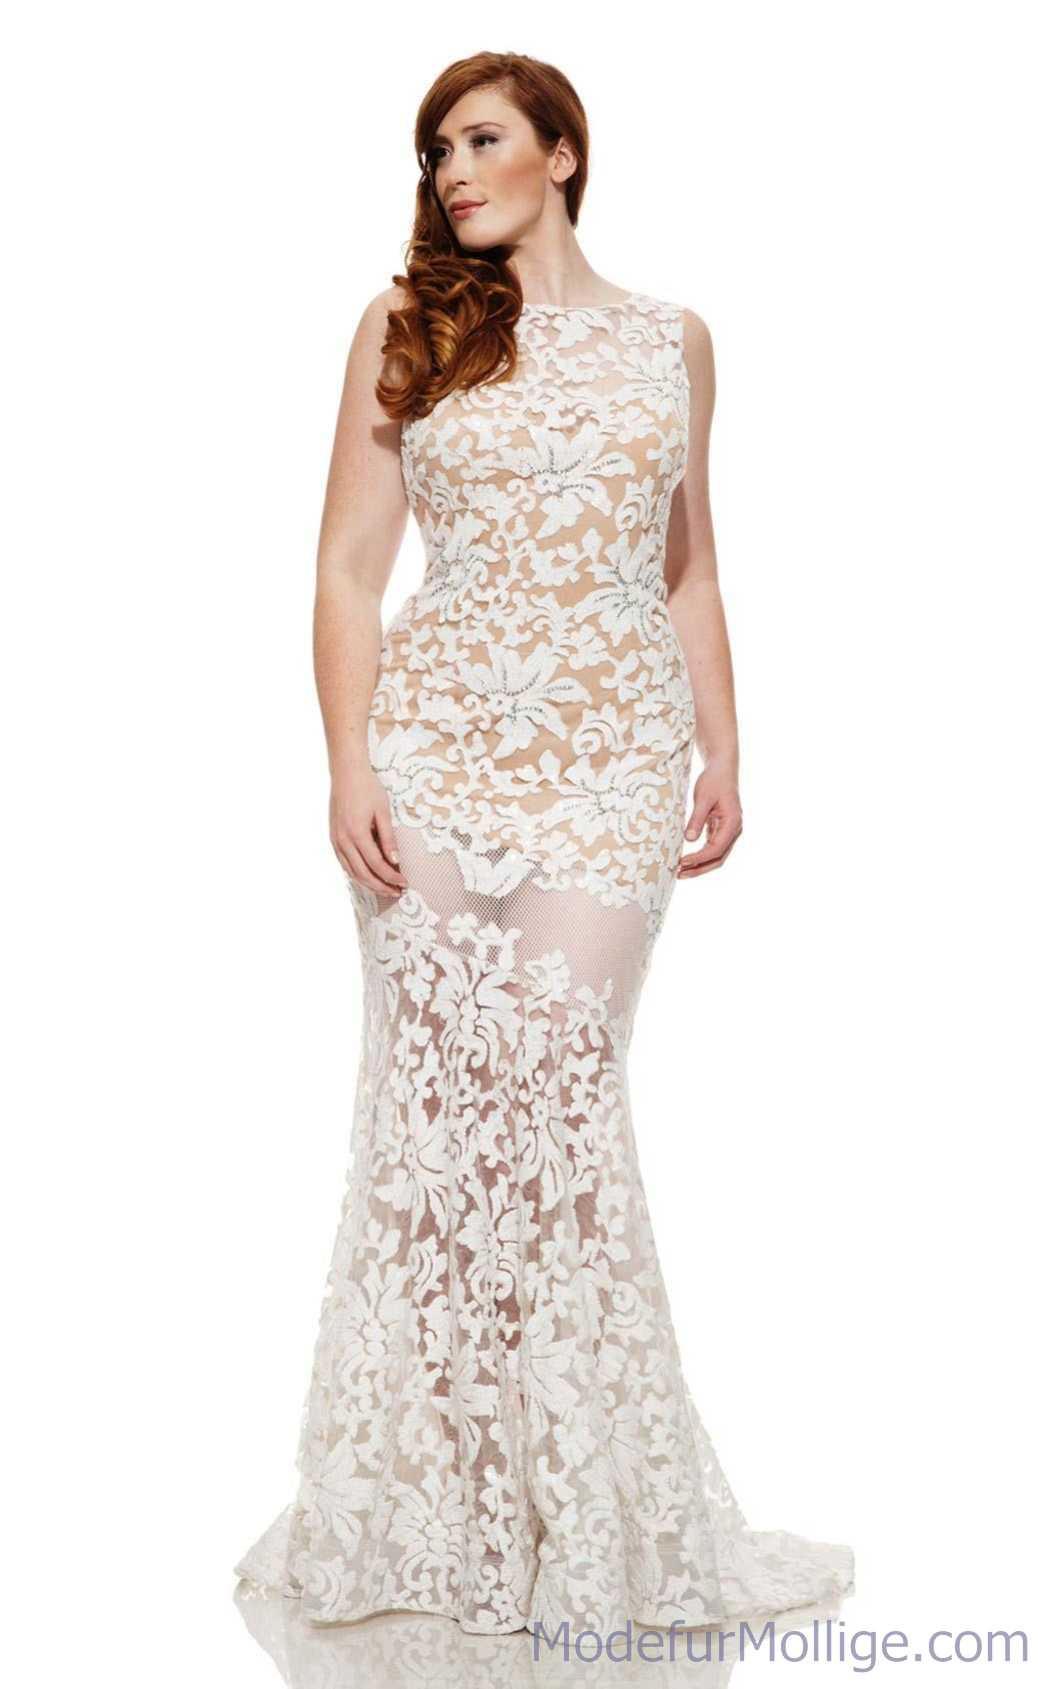 17 Kreativ Abendkleider Für Ältere Damen Spezialgebiet17 Luxus Abendkleider Für Ältere Damen für 2019